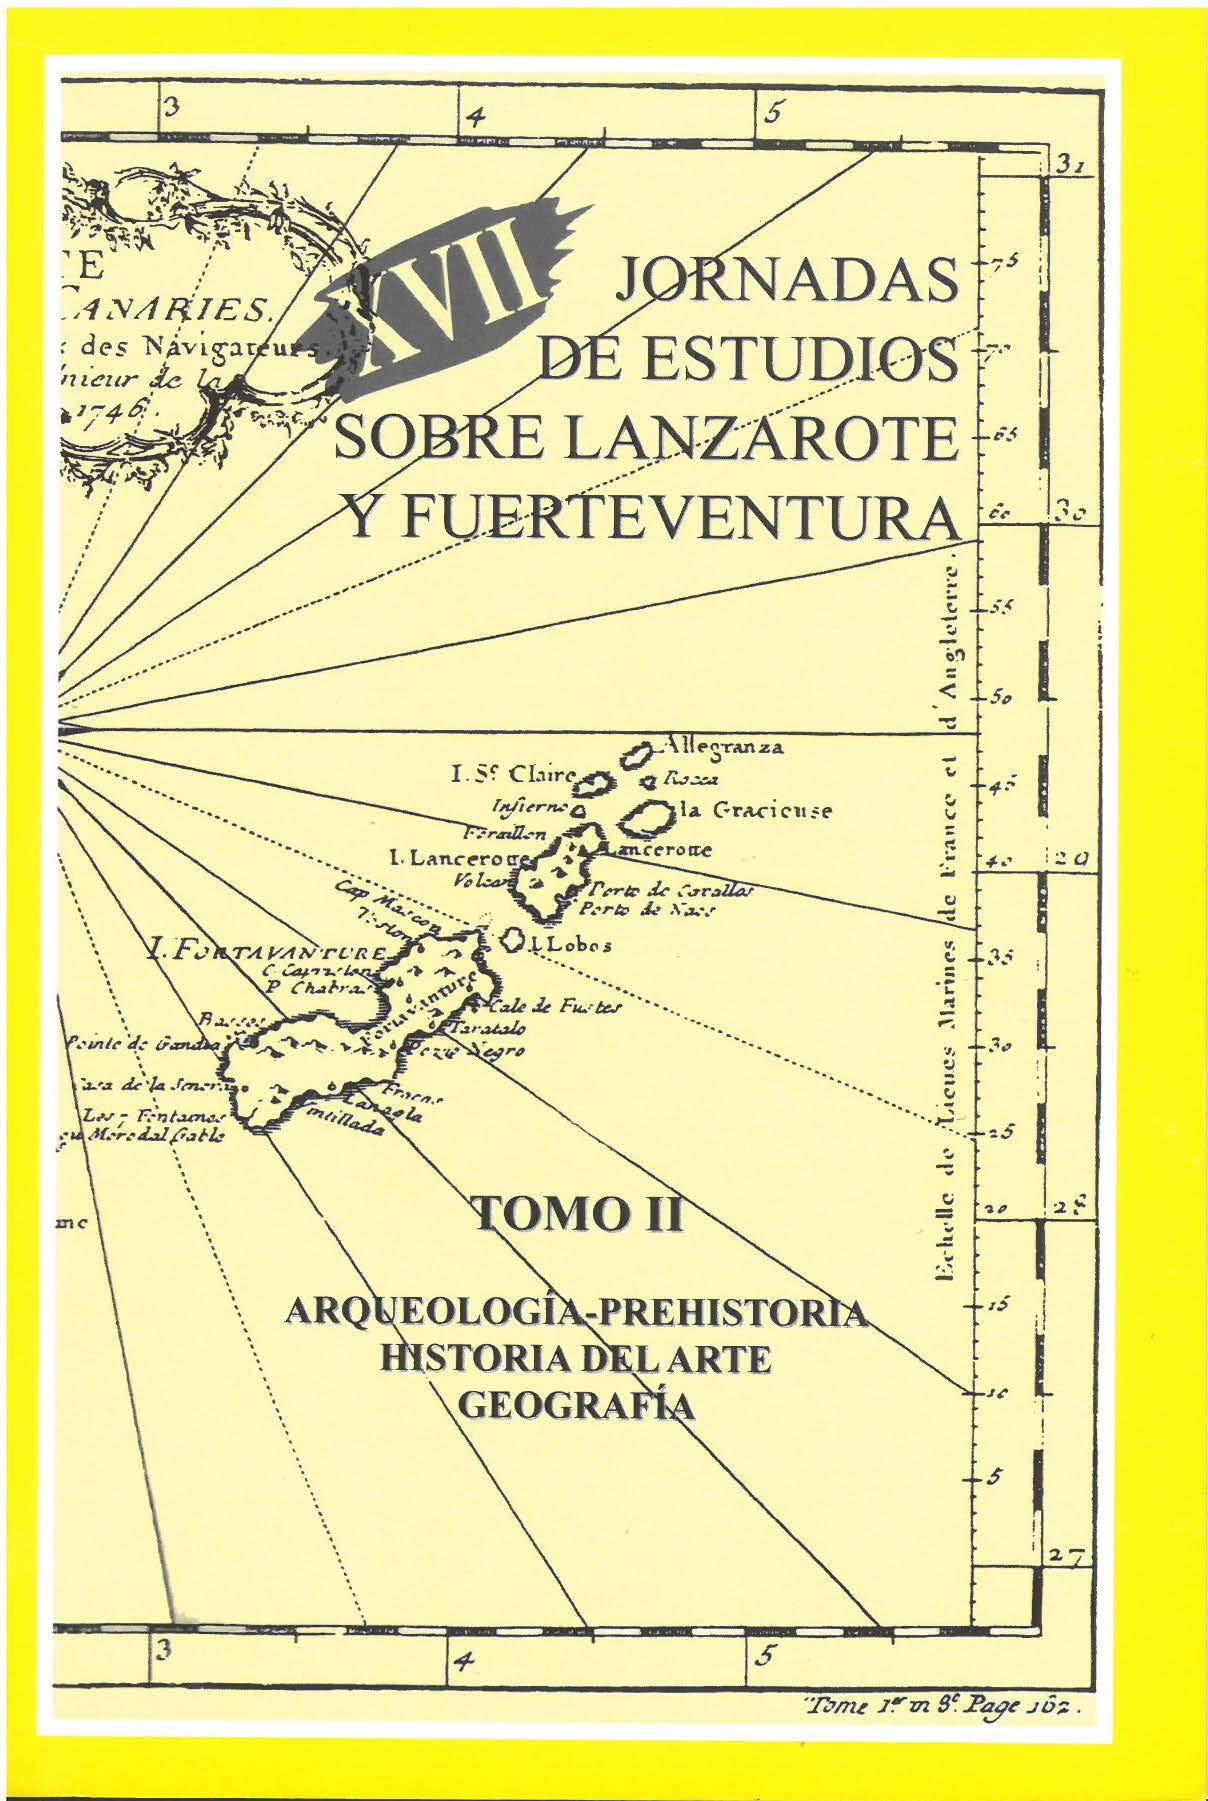 Reflexiones sobre deportes étnicos, identidades y políticas deportivas y turísticas en las Islas Canarias (España)